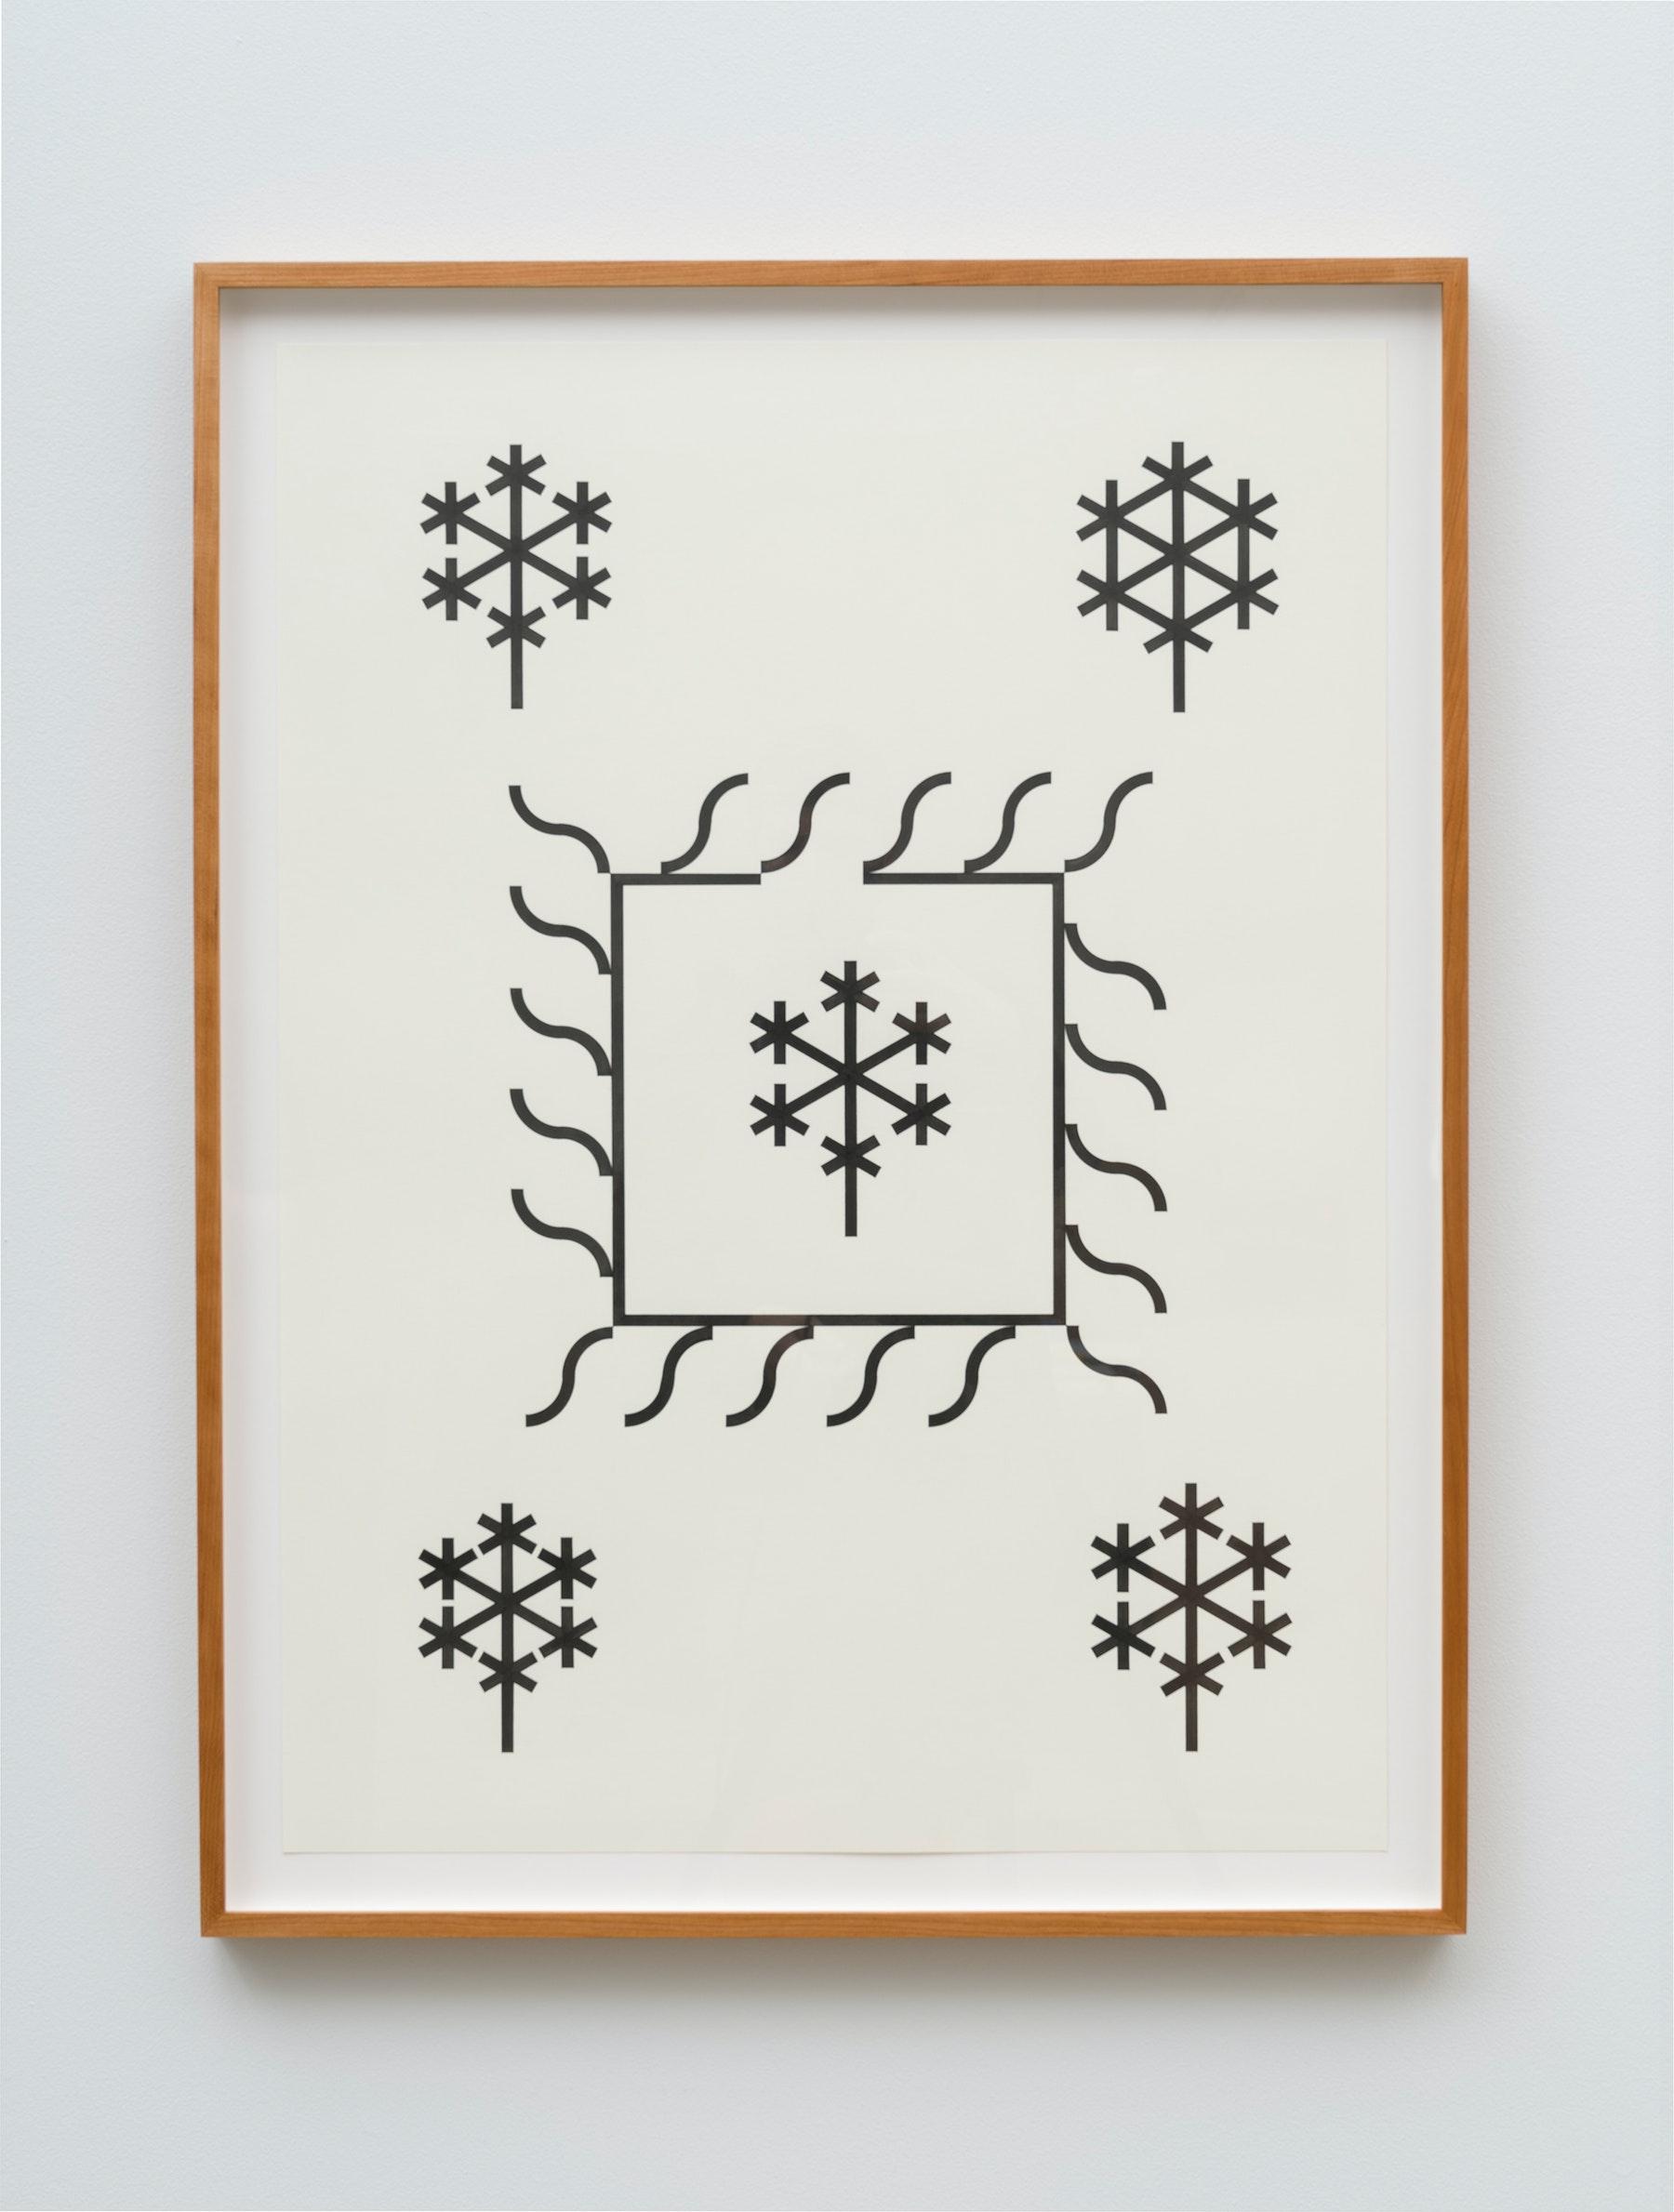 """Claire Nereim """"Garden quilt (geranium variation),"""" 2019 Ink on paper, Cherry frame 30 x 22"""" [HxW] (76.2 x 55.88 cm) unframed; 33 x 25 x 1.5"""" [HxWxD] (83.82 x 63.5 x 3.81 cm) framed Inventory #WS1031 Photo credit: Jeff Mclane"""